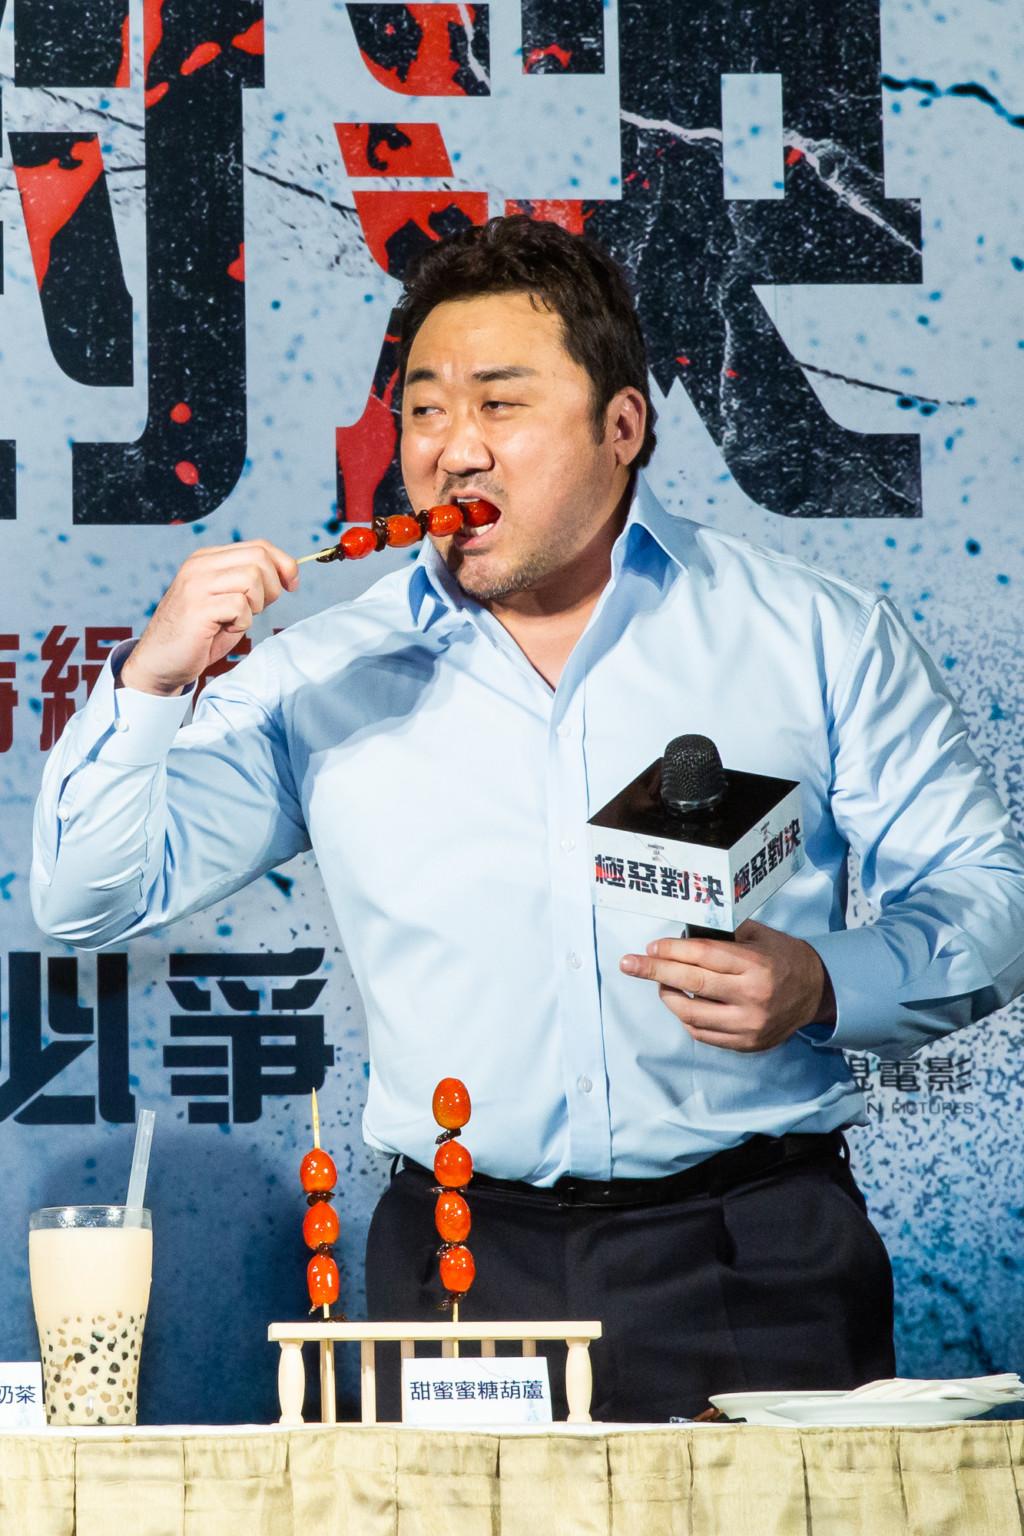 馬東石新戲《極惡對決》票房「贏過復仇者」 他來台宣傳「迷上這一味」飆台語超可愛!